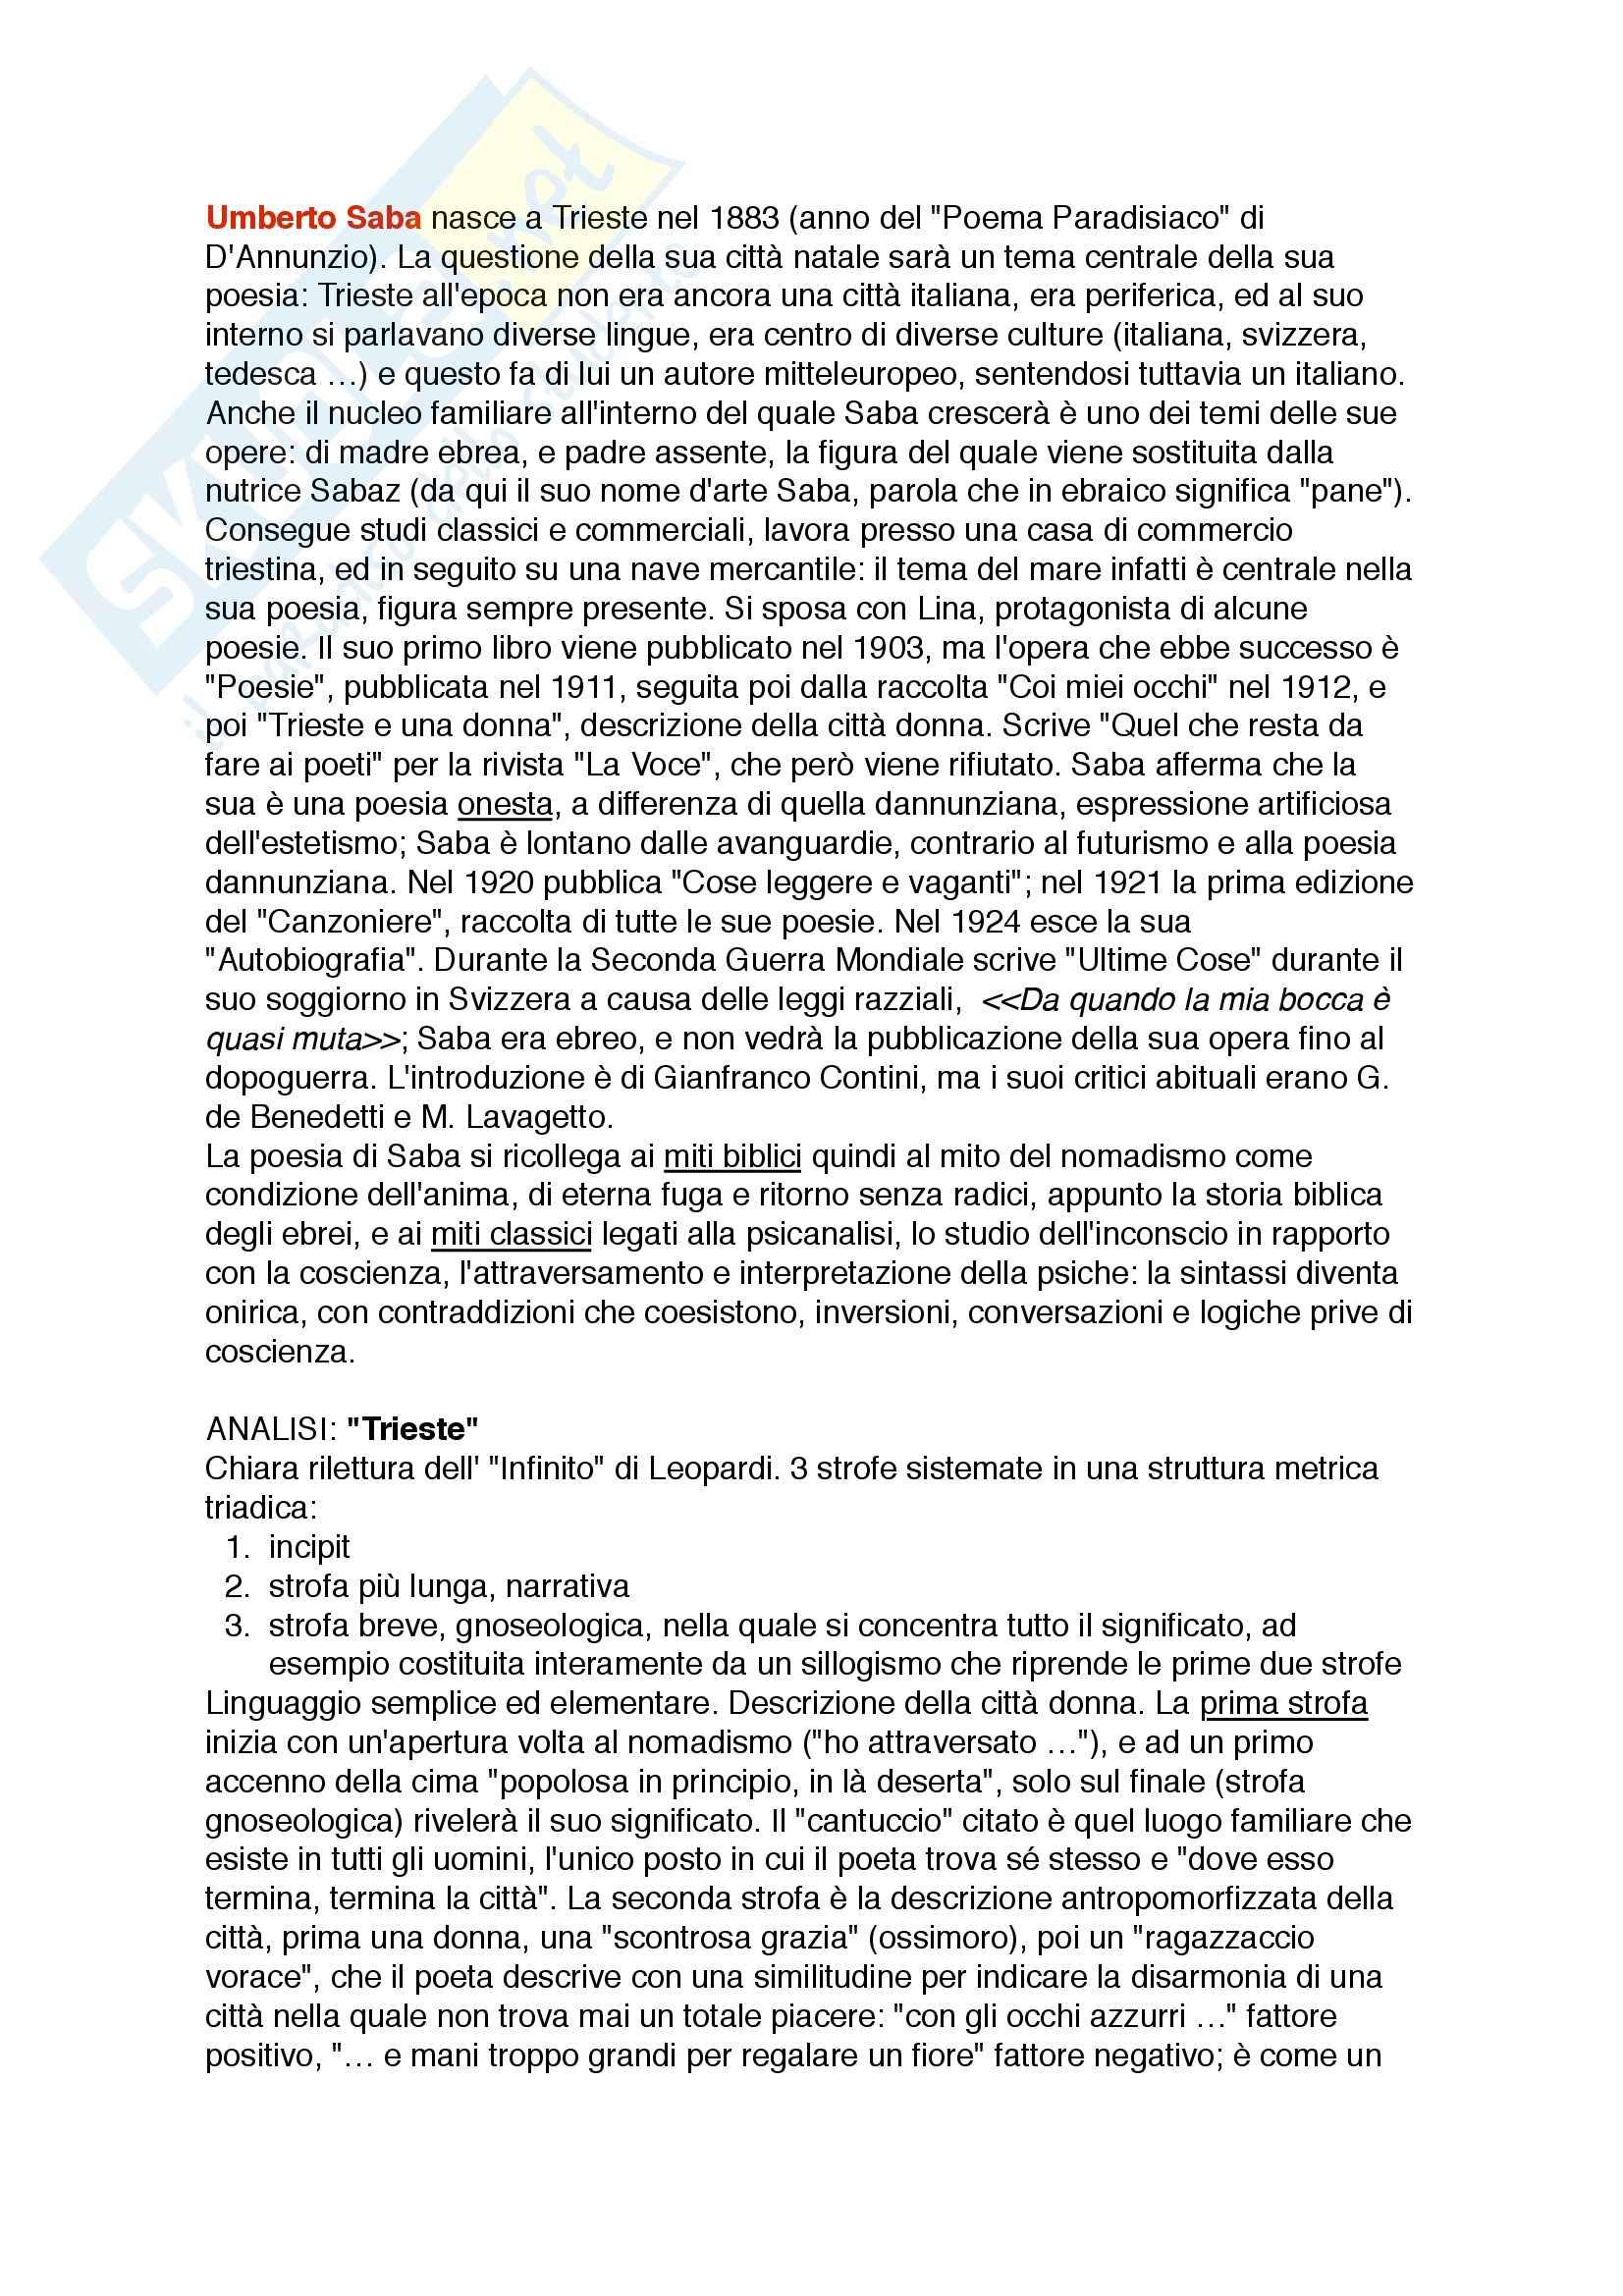 Saba, Letteratura italiana contemporanea